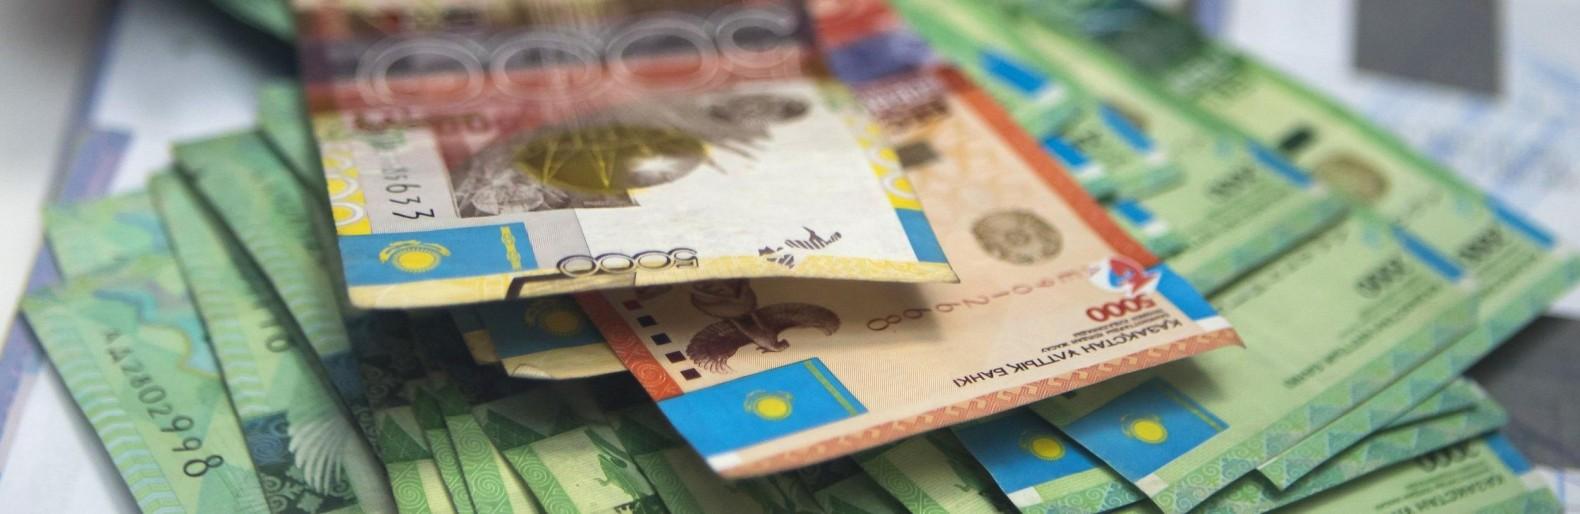 Нацбанк запретил Банку Астаны до 28 сентября заключать новые договоры банковского счета с физлицами, Нацбанк, Банк Астана, Договор Банковский счет, Физлицо